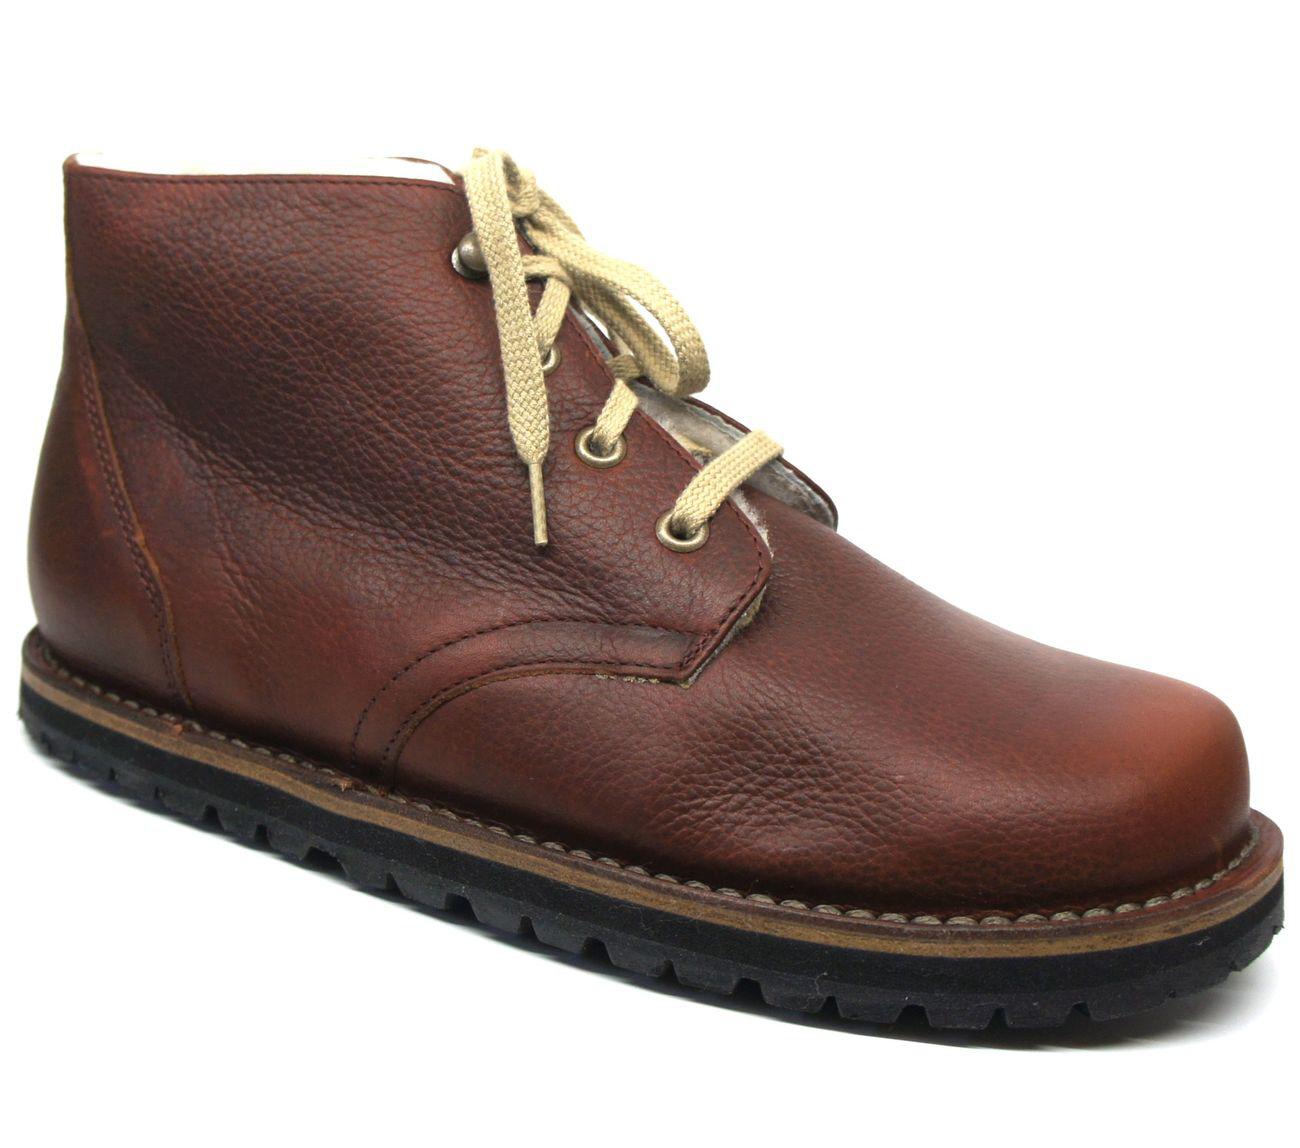 Waldviertler Seite 3 Köstinger Schuhe